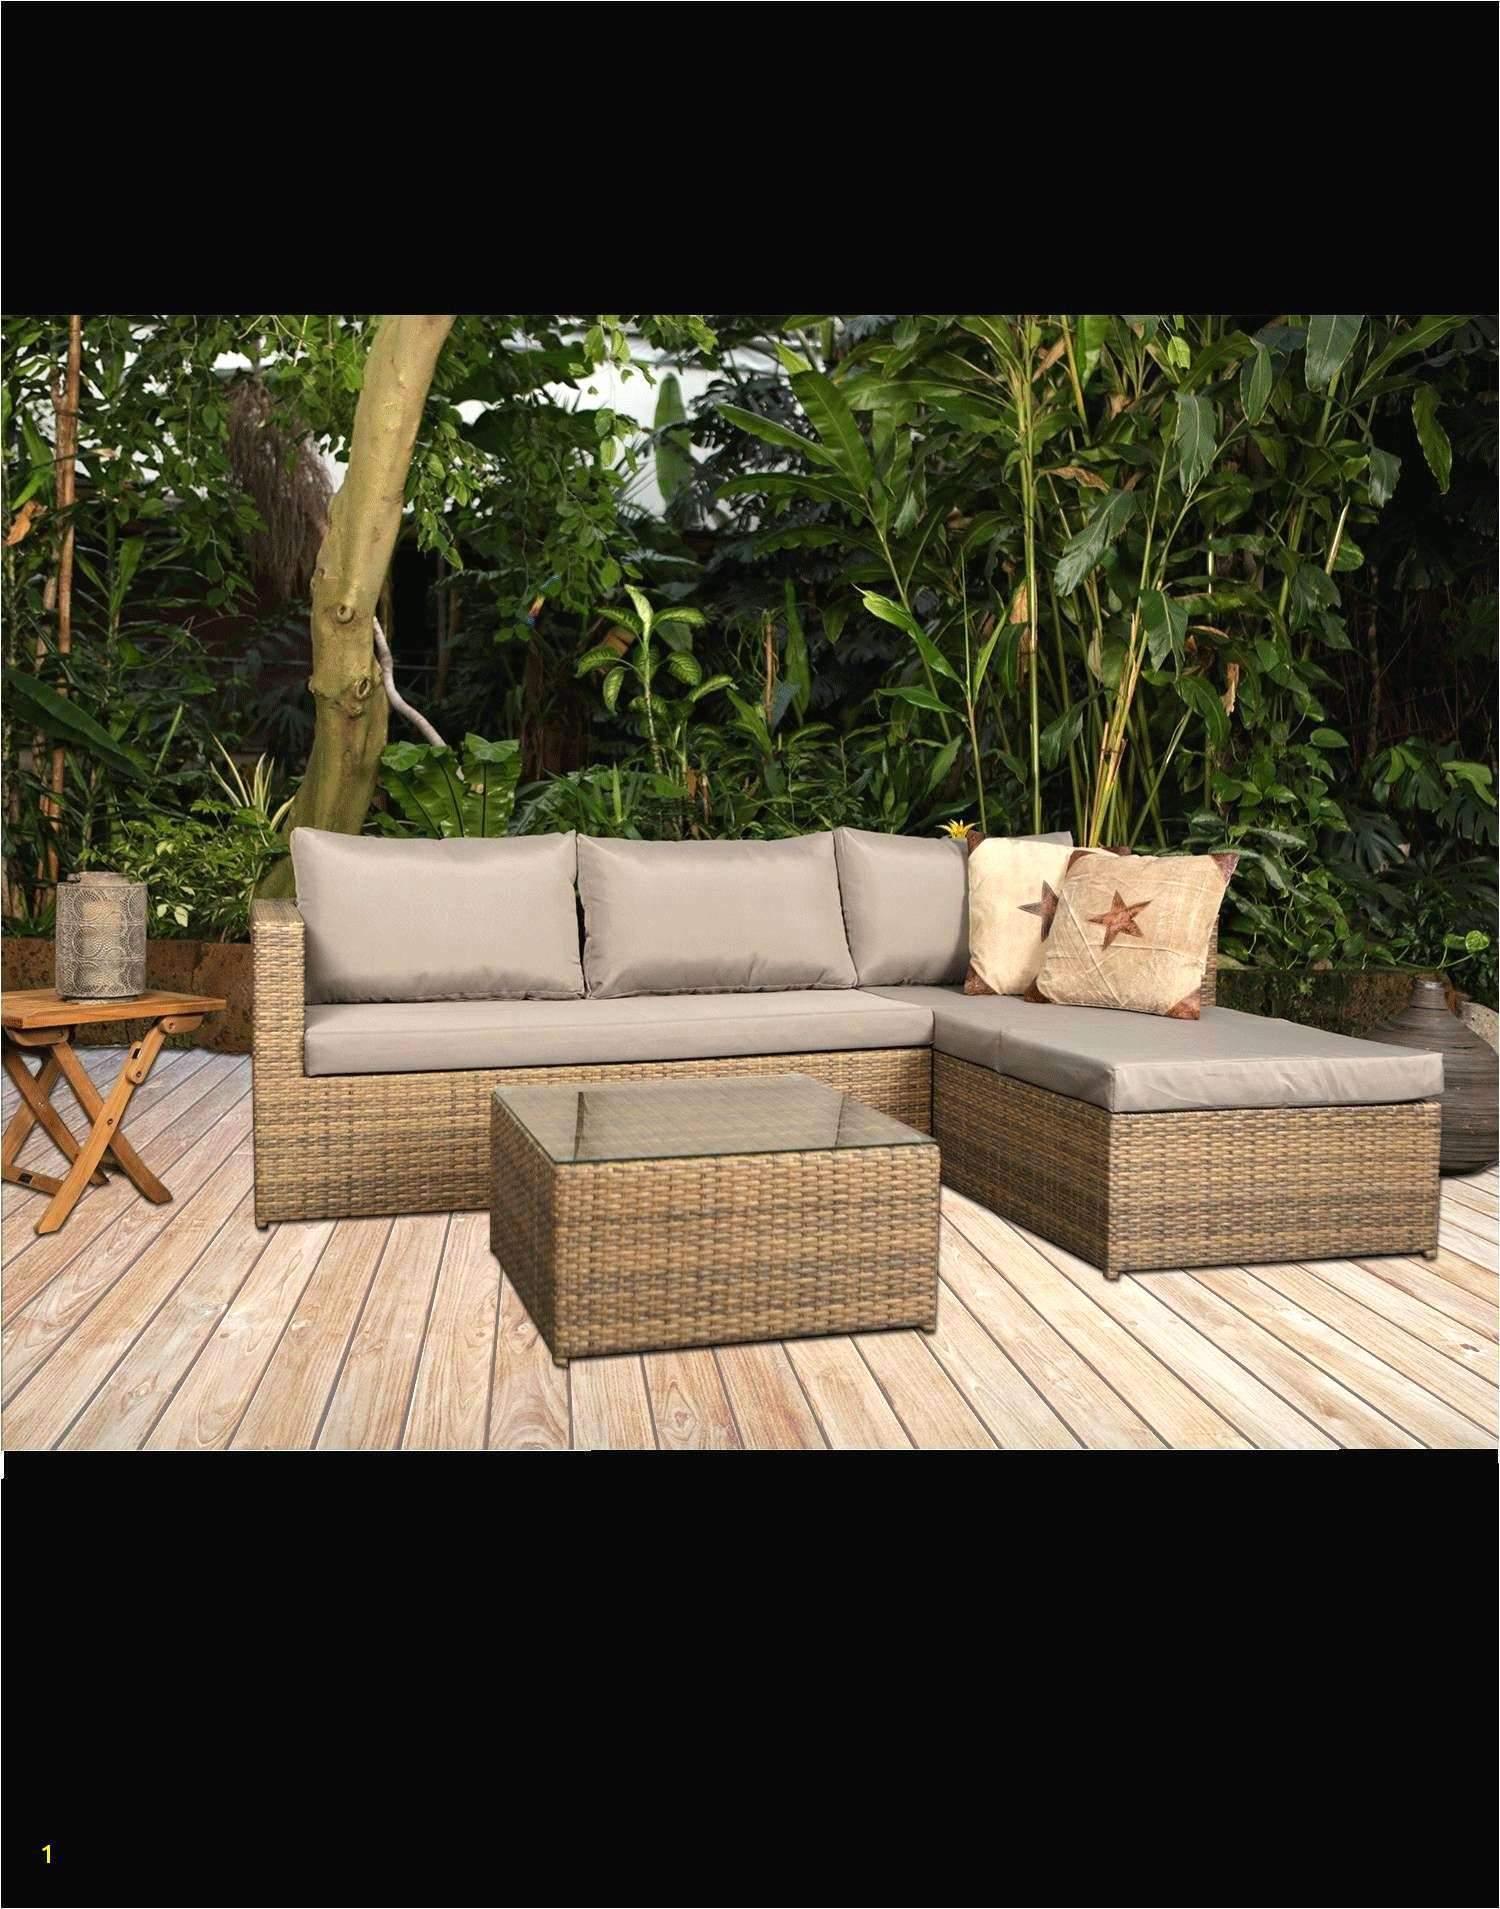 garten lounge set gunstig luxus 35 das beste von mobel garten elegant of garten lounge set gunstig